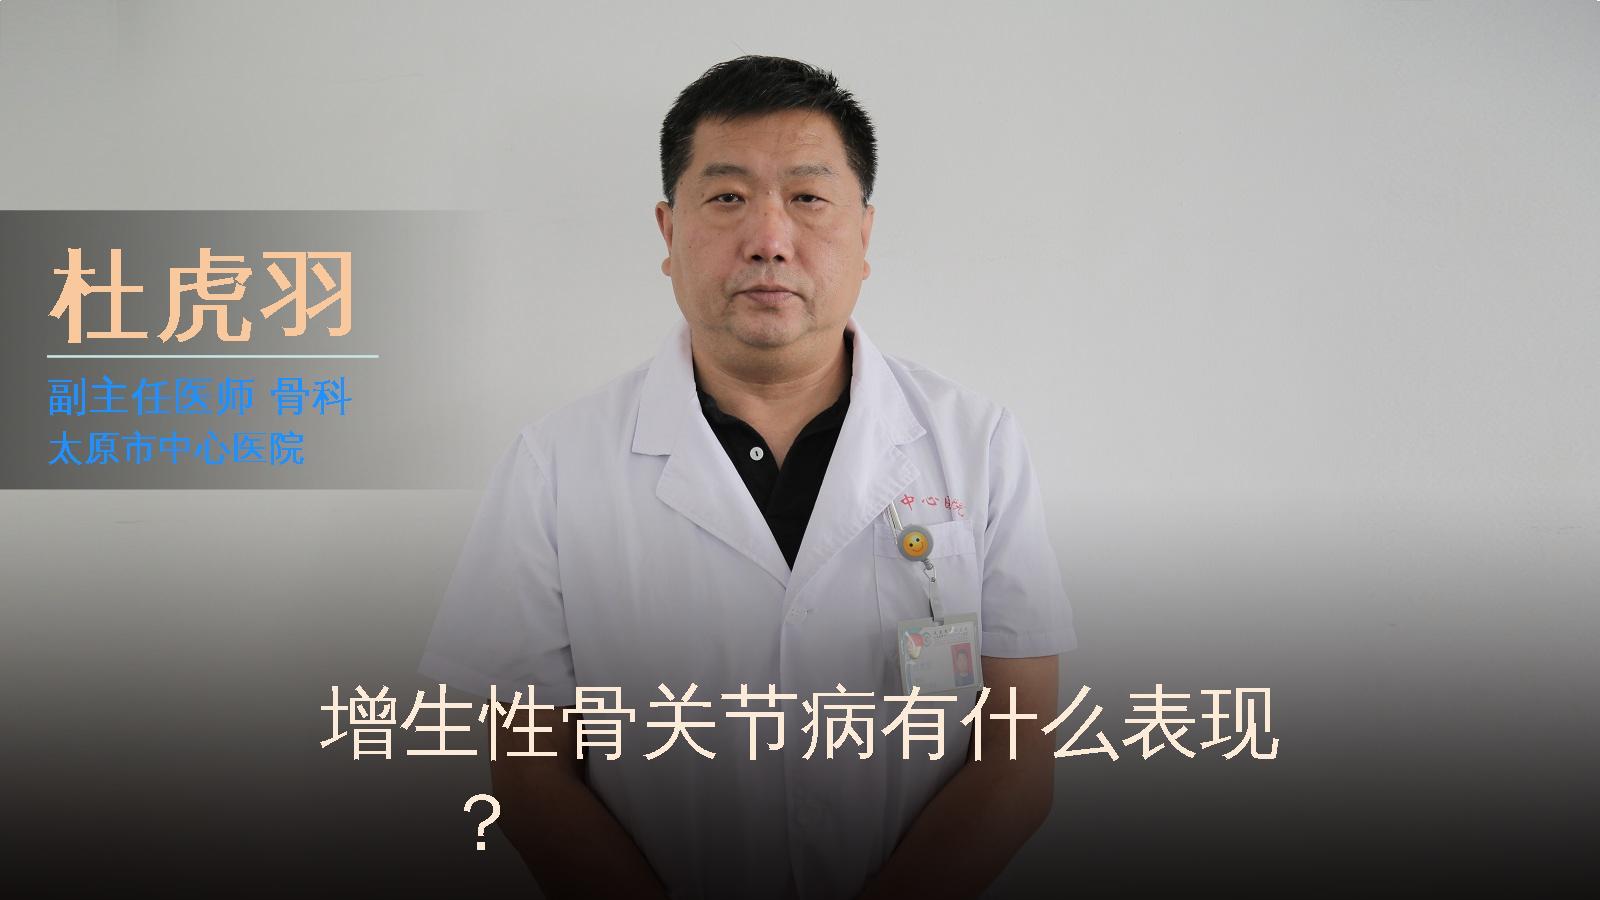 增生性骨关节病有什么表现?